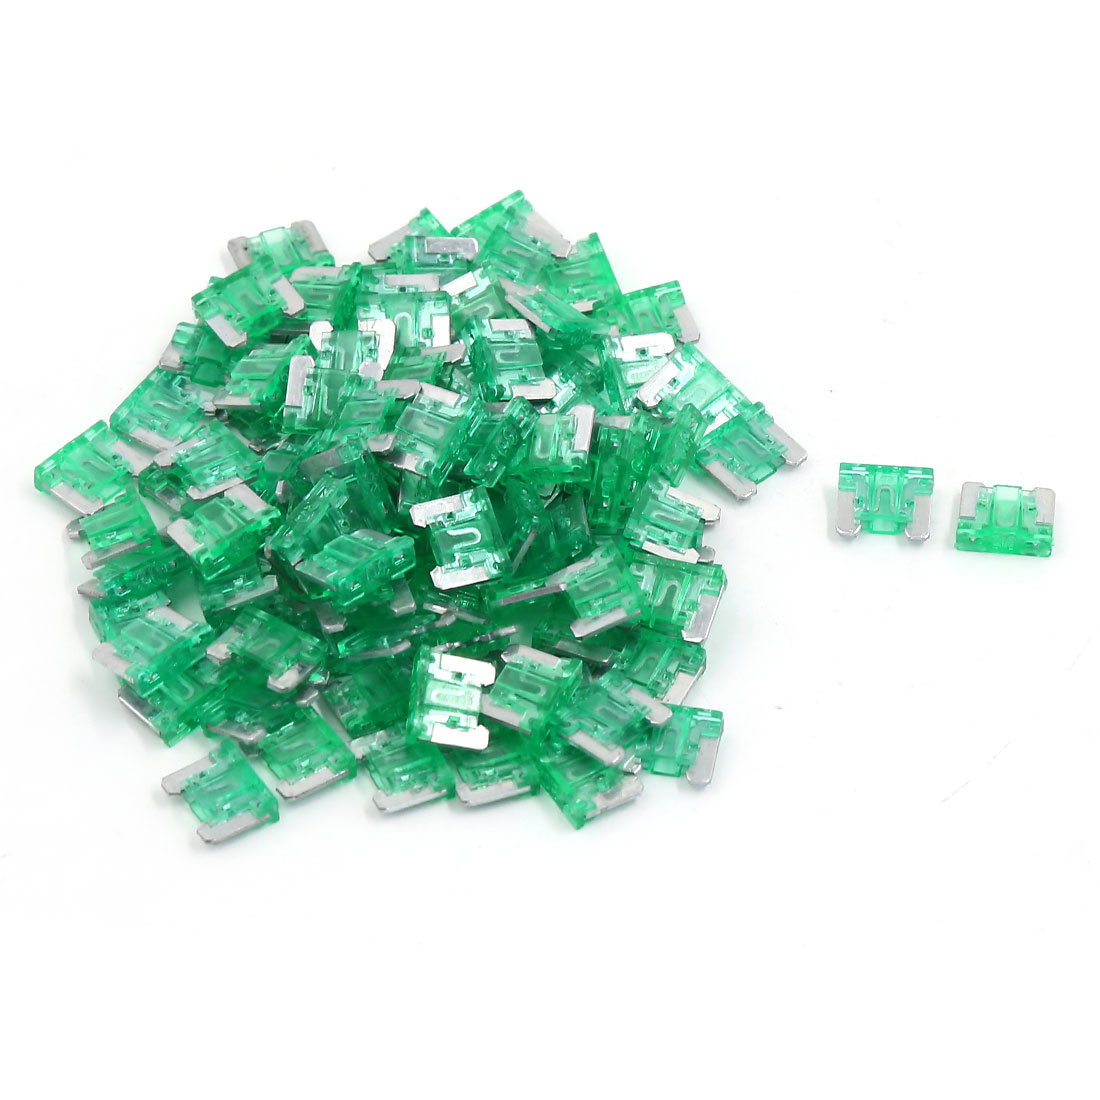 100pcs Green Plastic Casing ATC ATO Mini Blade Fuses 30A for Car Caravan Auto